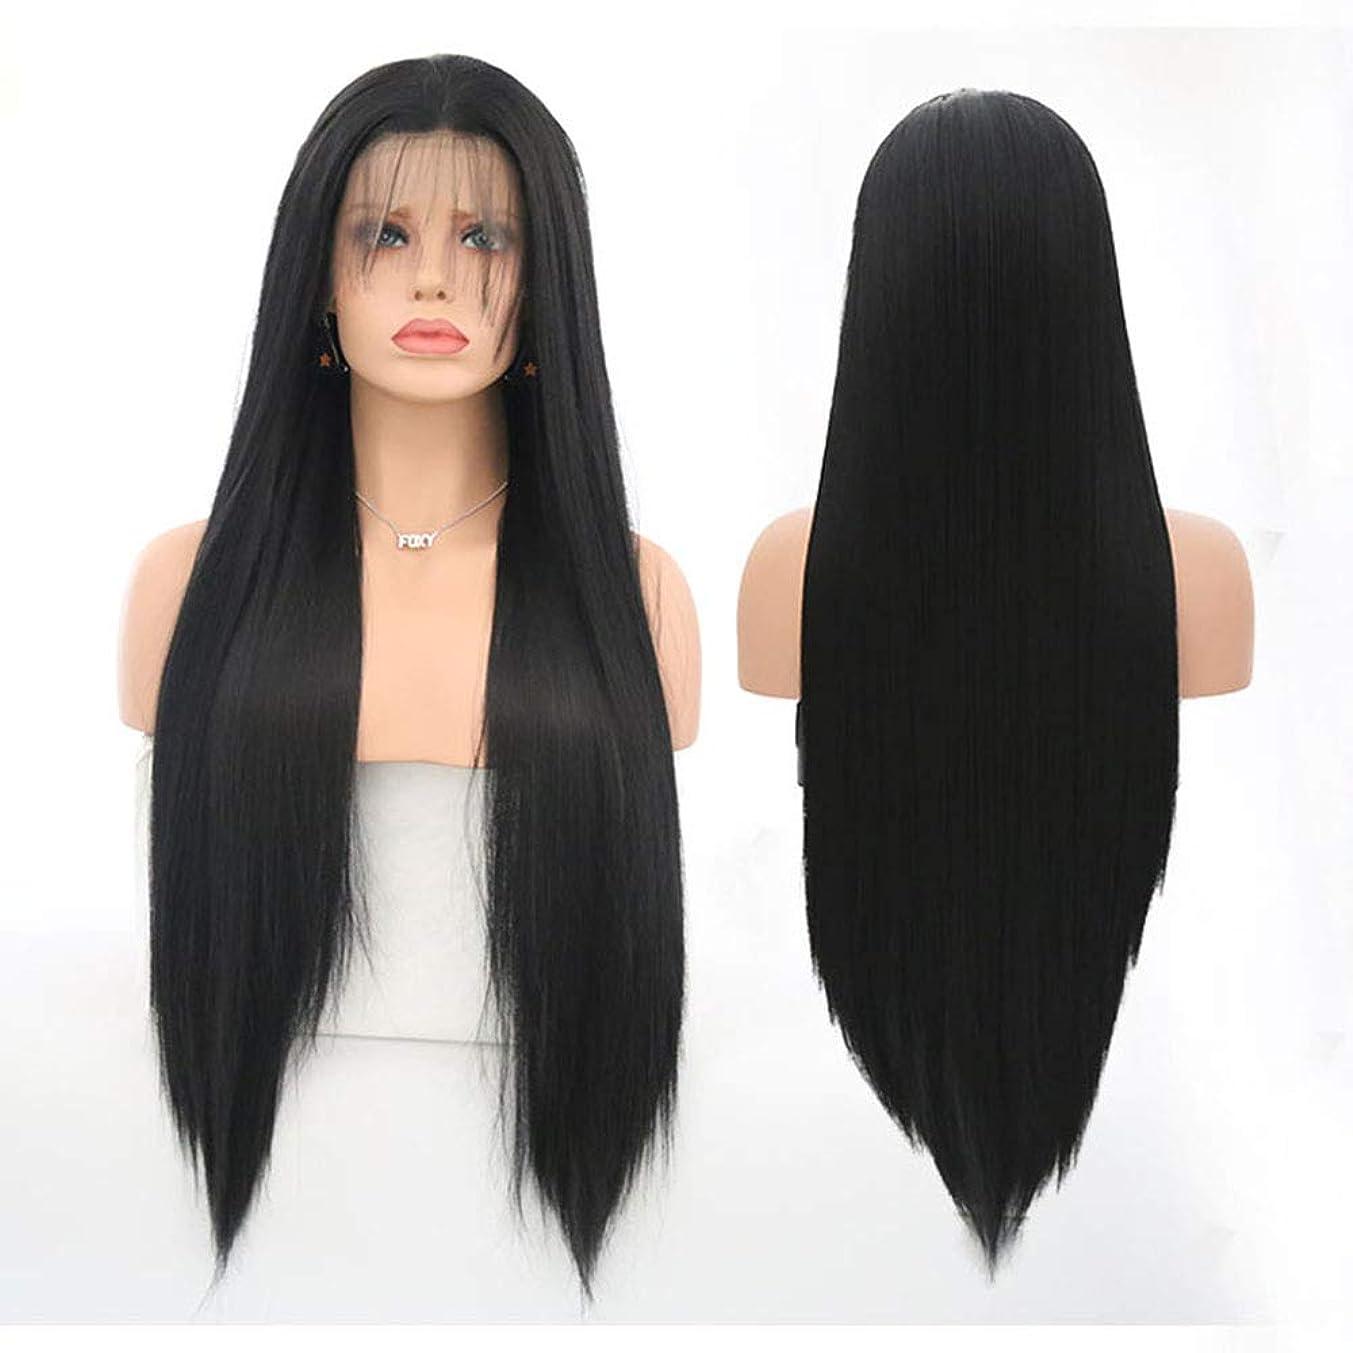 腸操るファッション合成耐熱天然高品質かつらのための女性の長いストレートヘアウィッグ